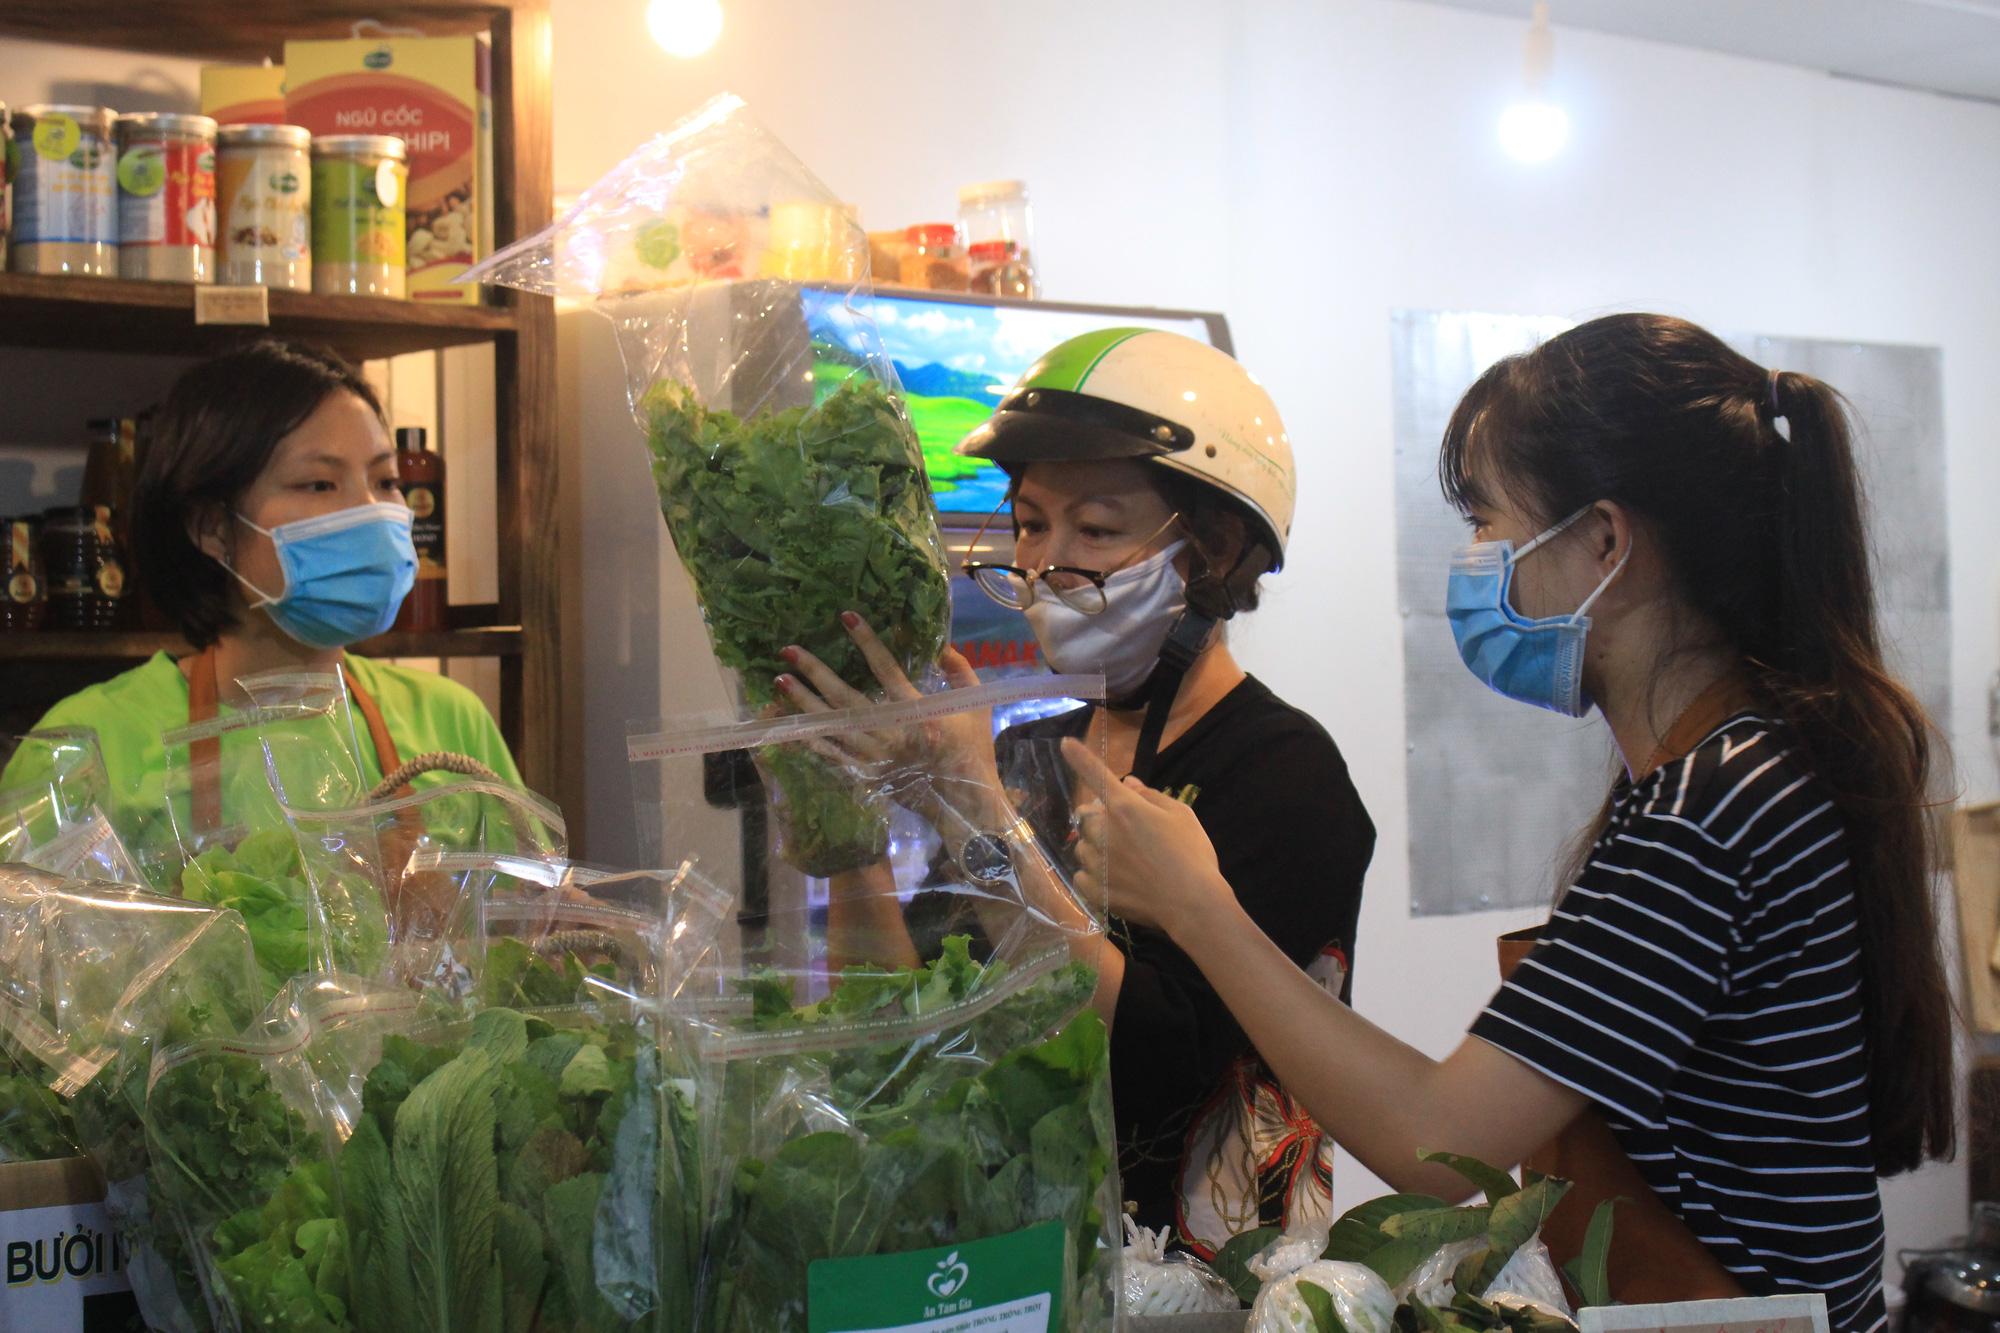 Siêu thị của nông dân đầu tiên ở Sài Gòn có gì, mà vừa mở bán, thanh long, cam canh đã bị mua sạch? - Ảnh 2.